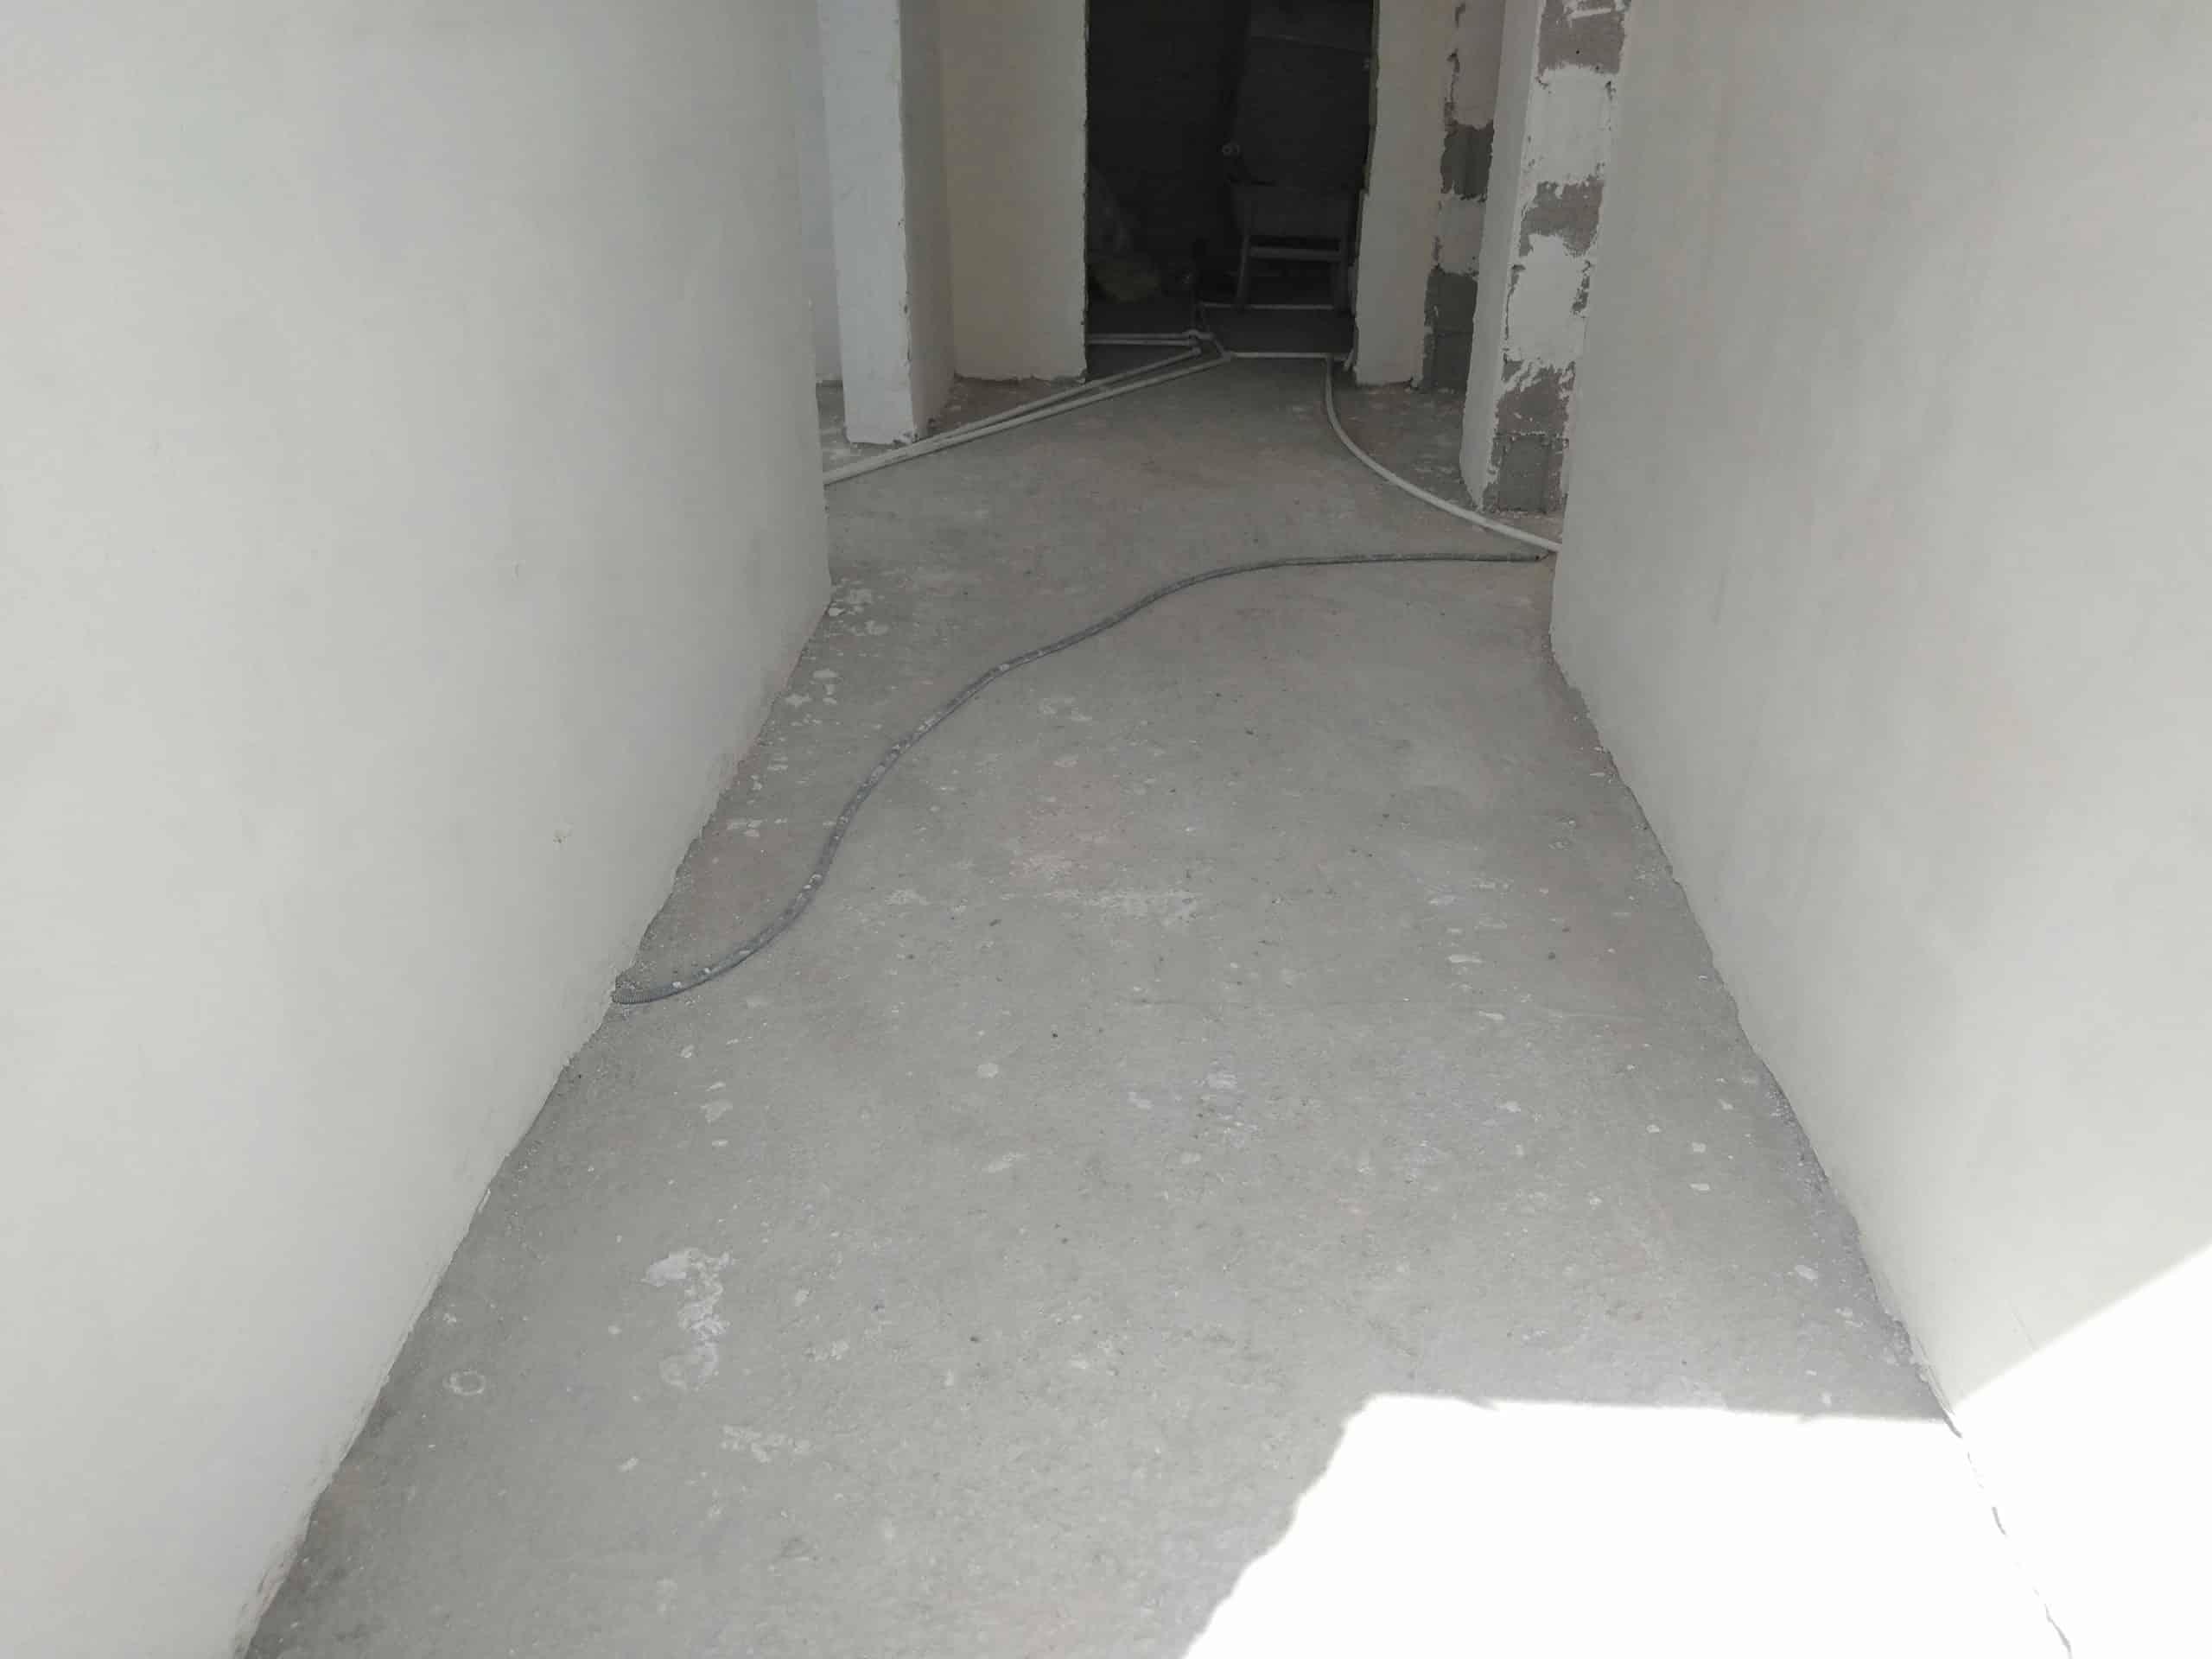 Temelden çatıya betonarme ev yaptırmak6